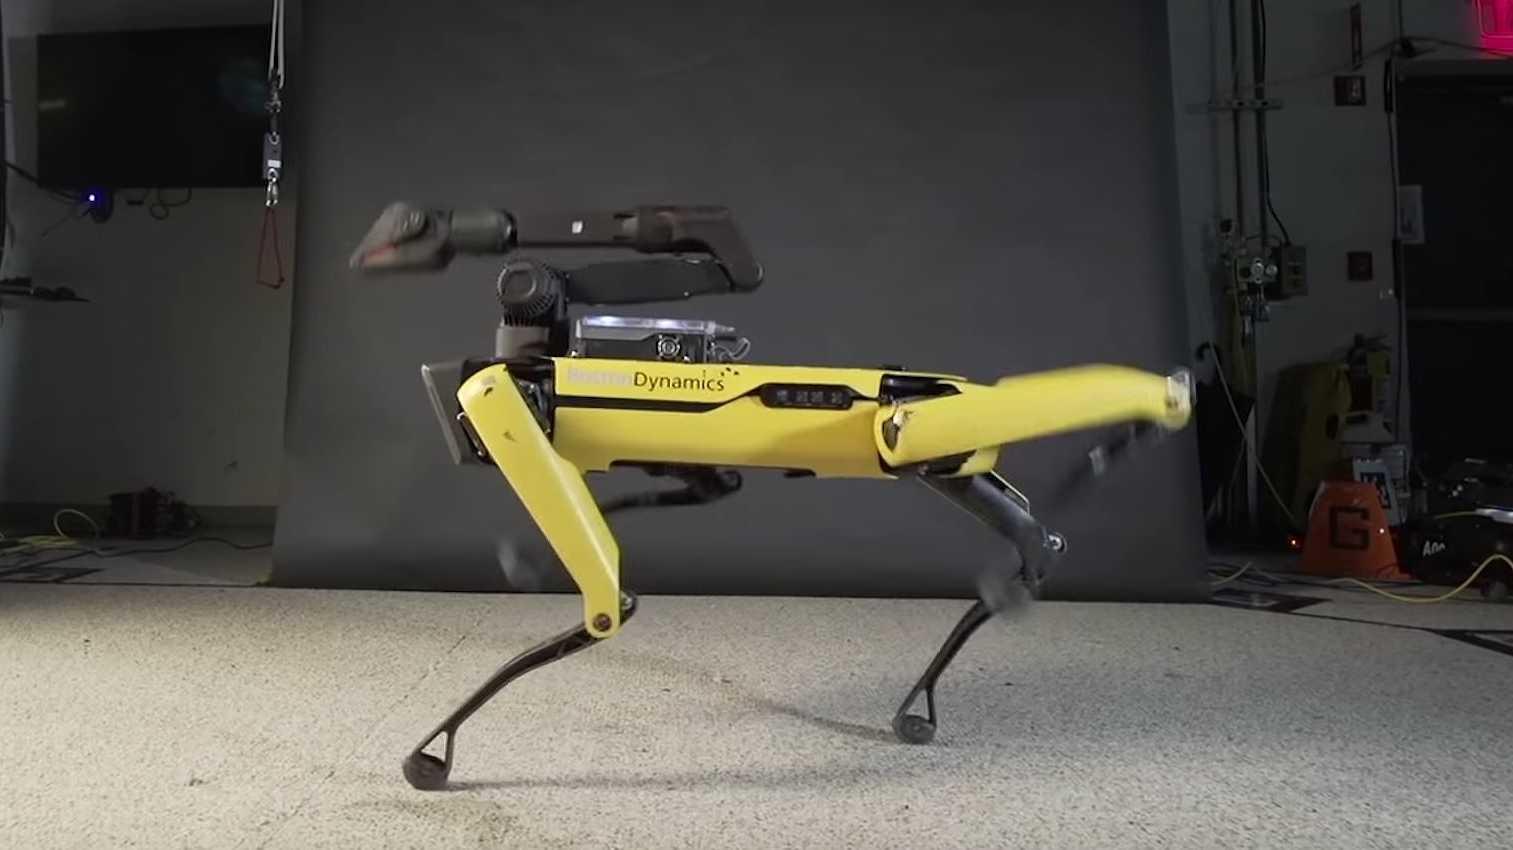 """Boston Dynamics: """"In unseren Videos zeigen wir typischerweise das beste Verhalten"""""""